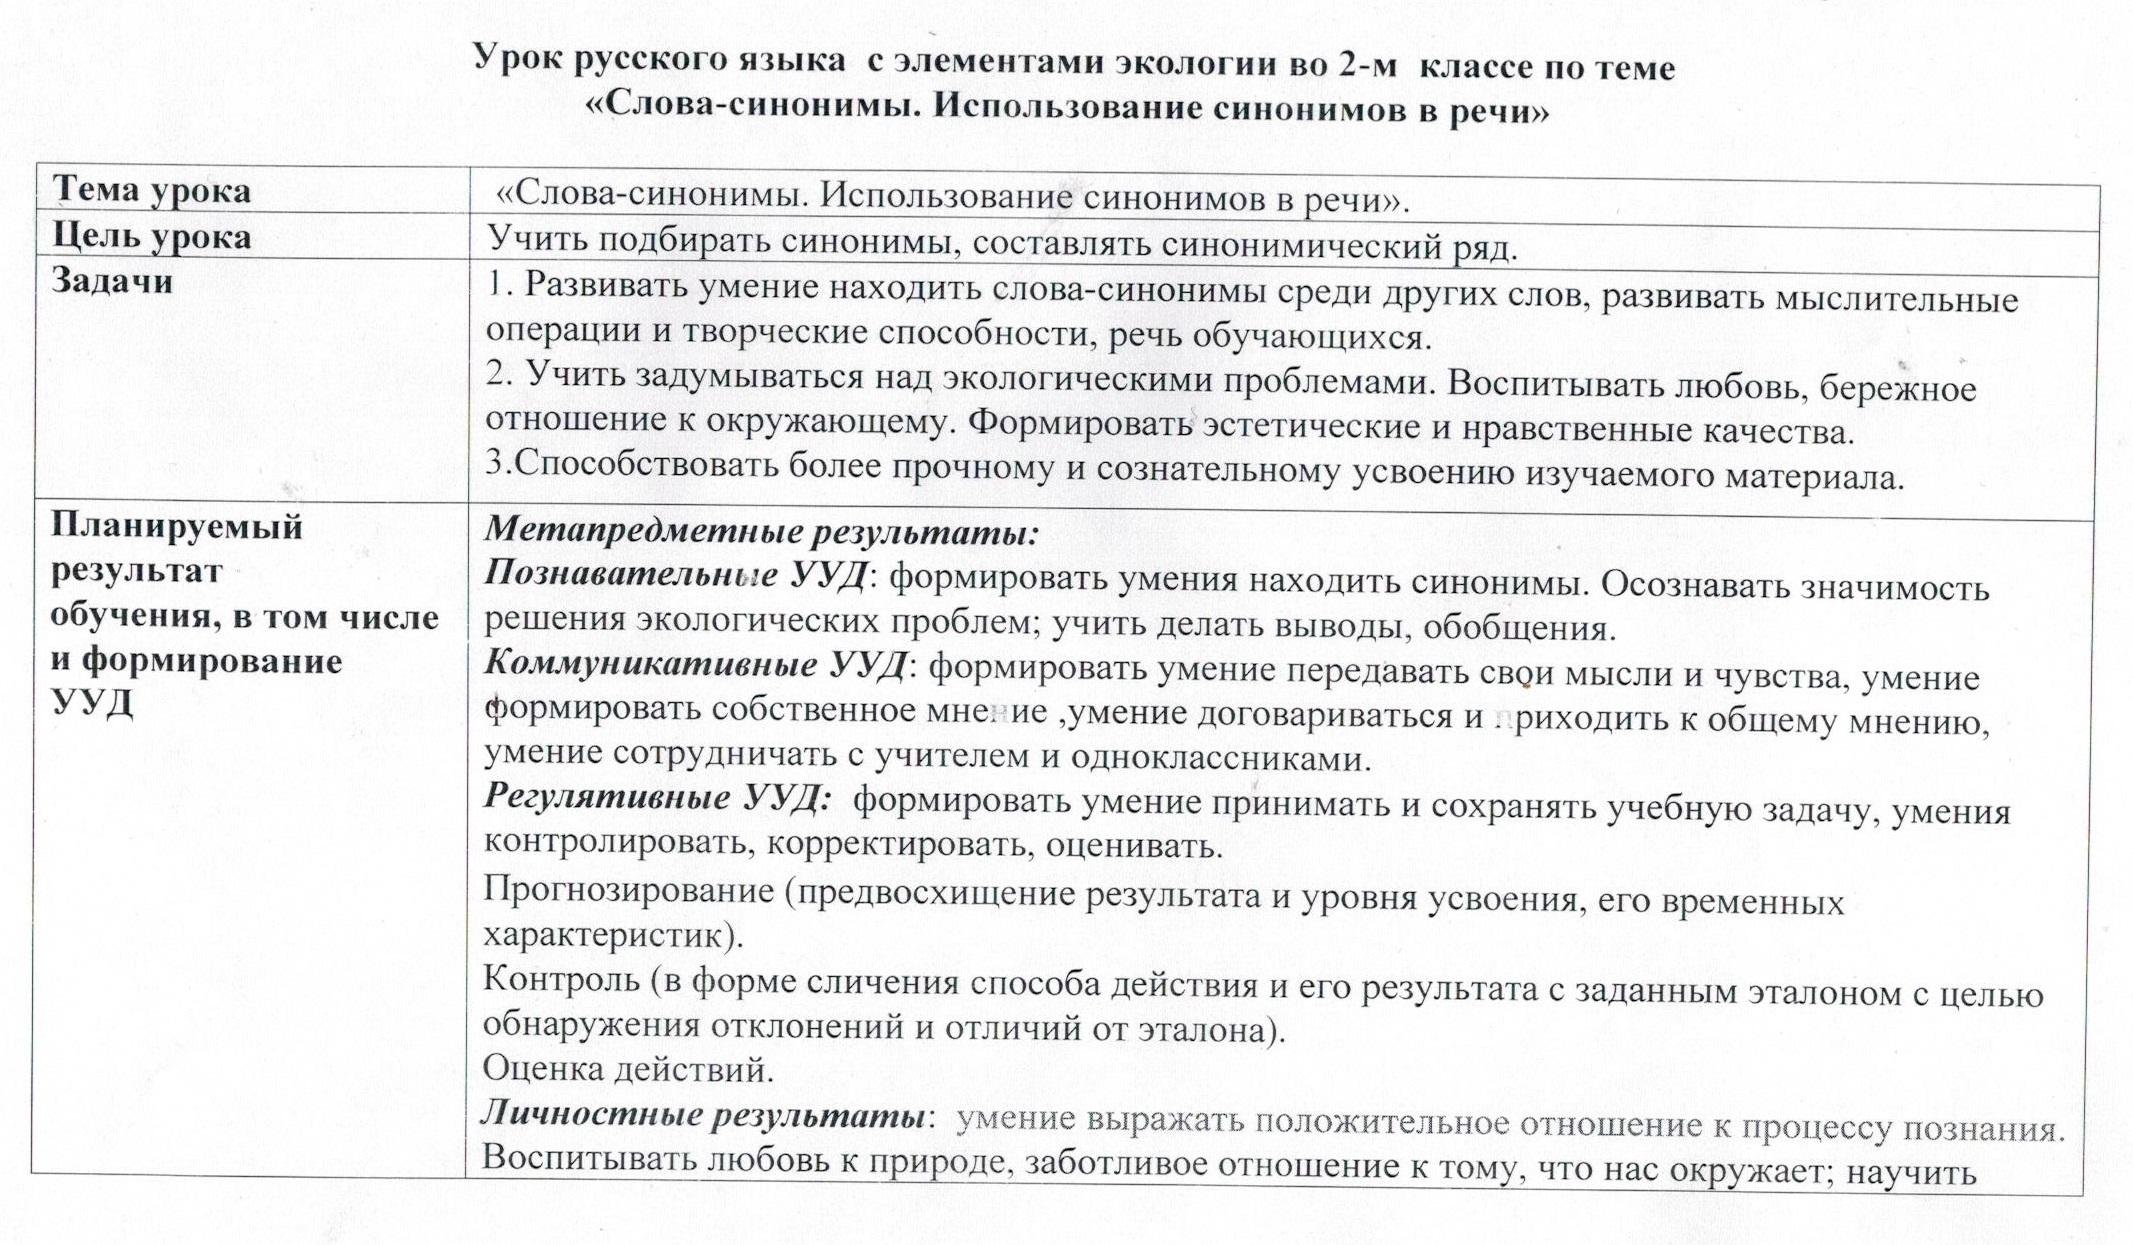 Фгос урока русского языка синонимы во 2 классе